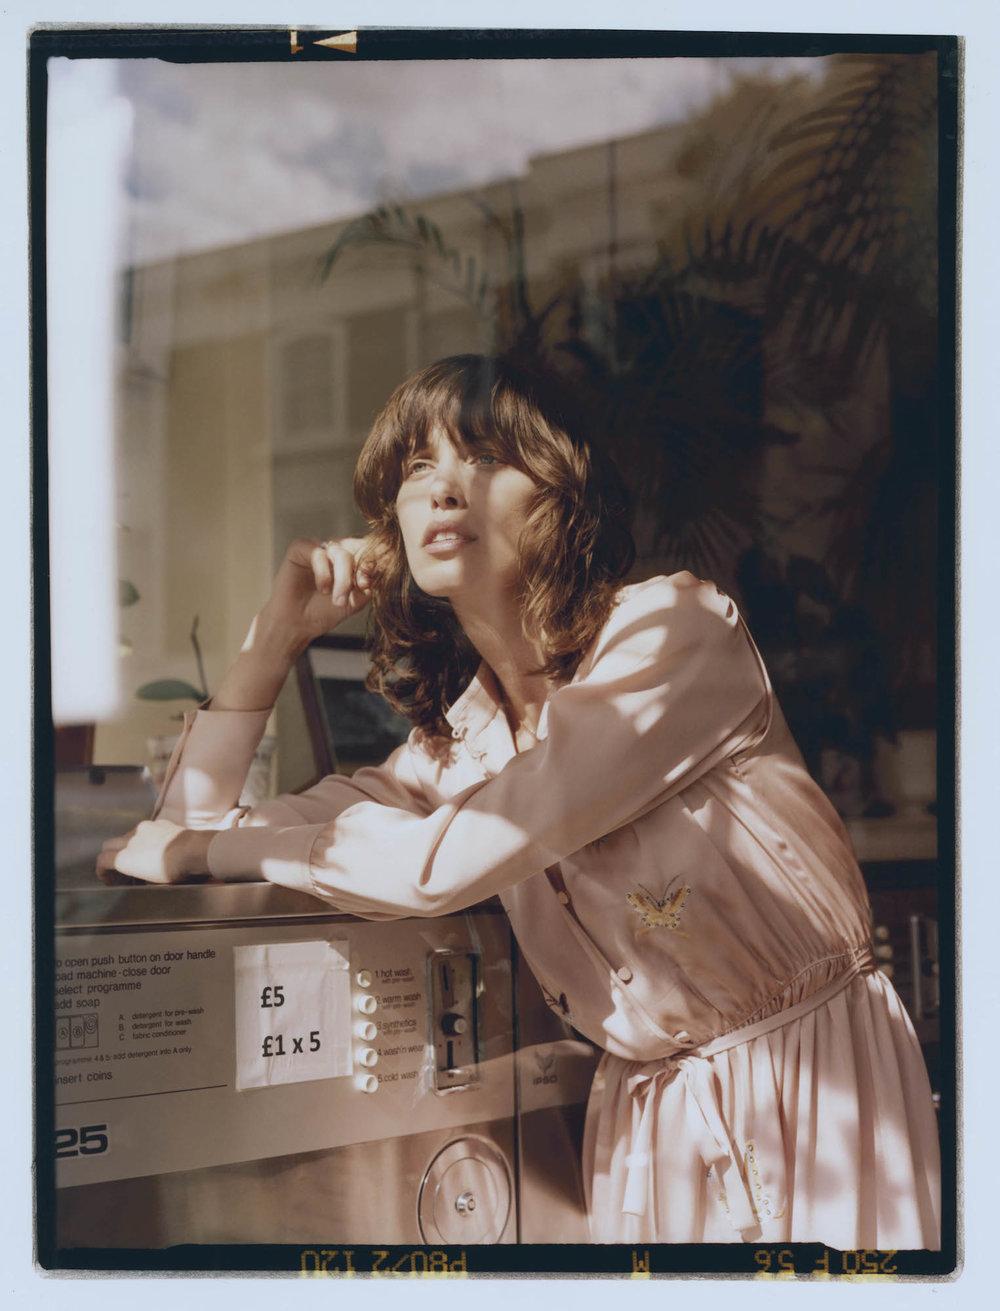 Turner Dress, £365